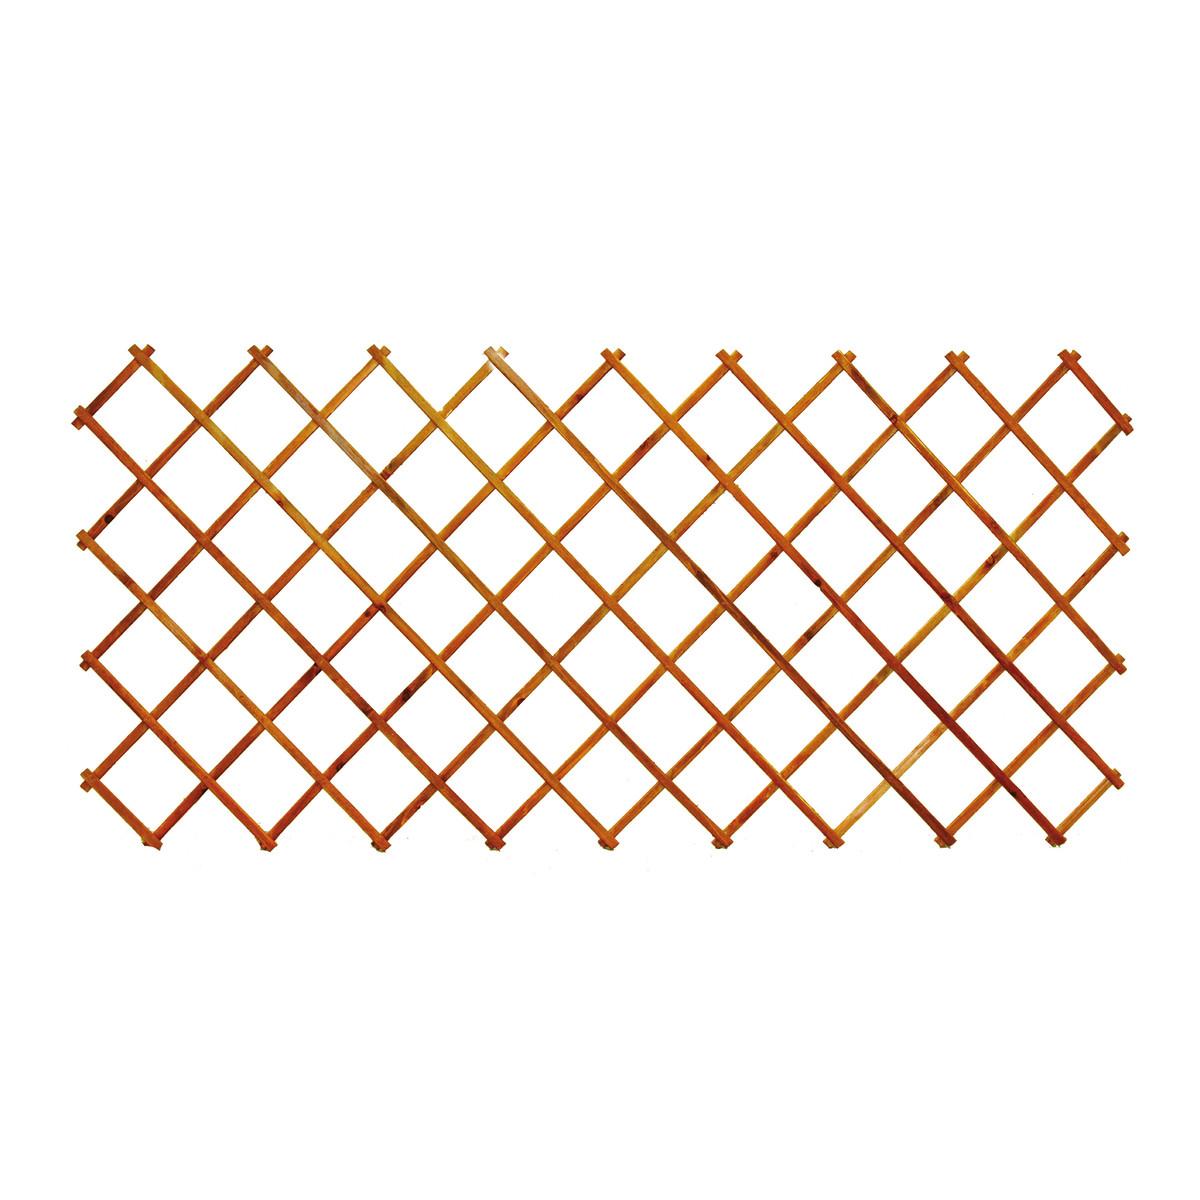 Traliccio estensibile in legno marrone per esterno for Tralicci leroy merlin